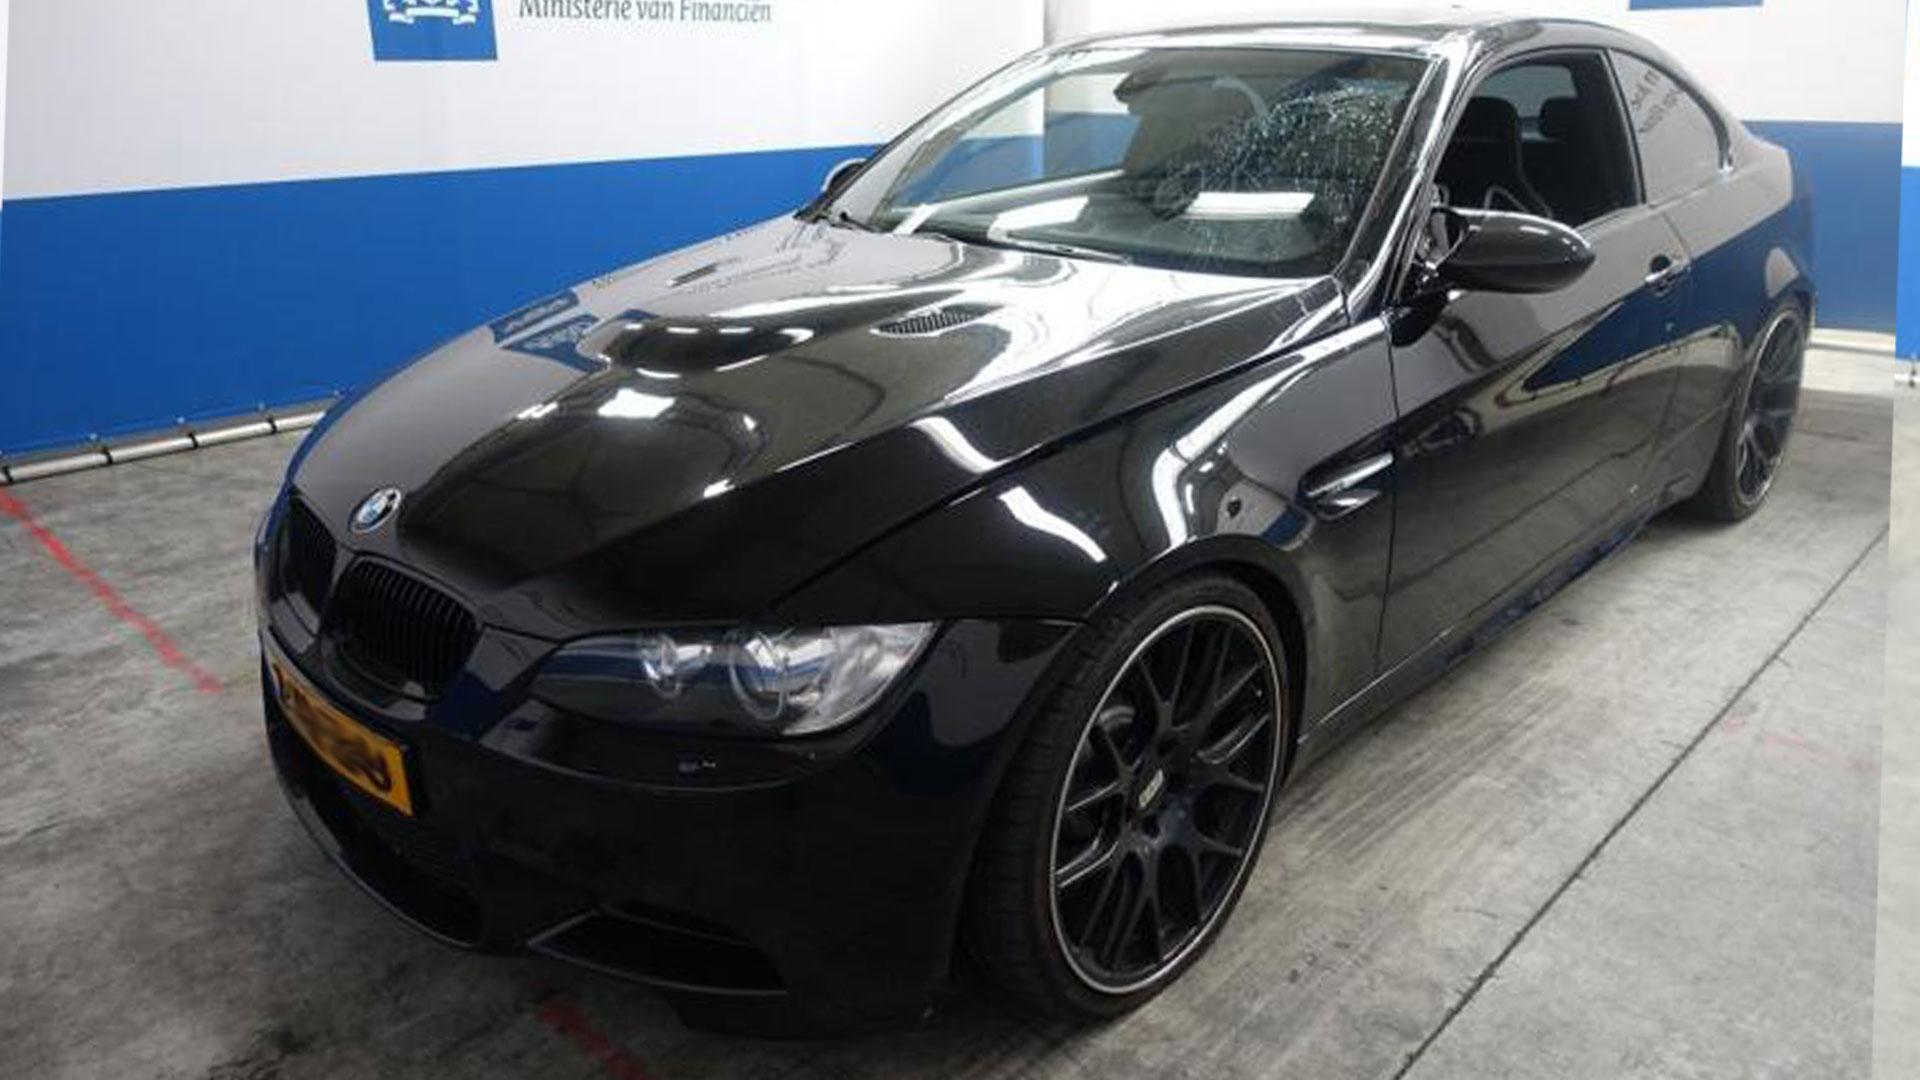 BMW M3 met 680 pk bij Domeinen